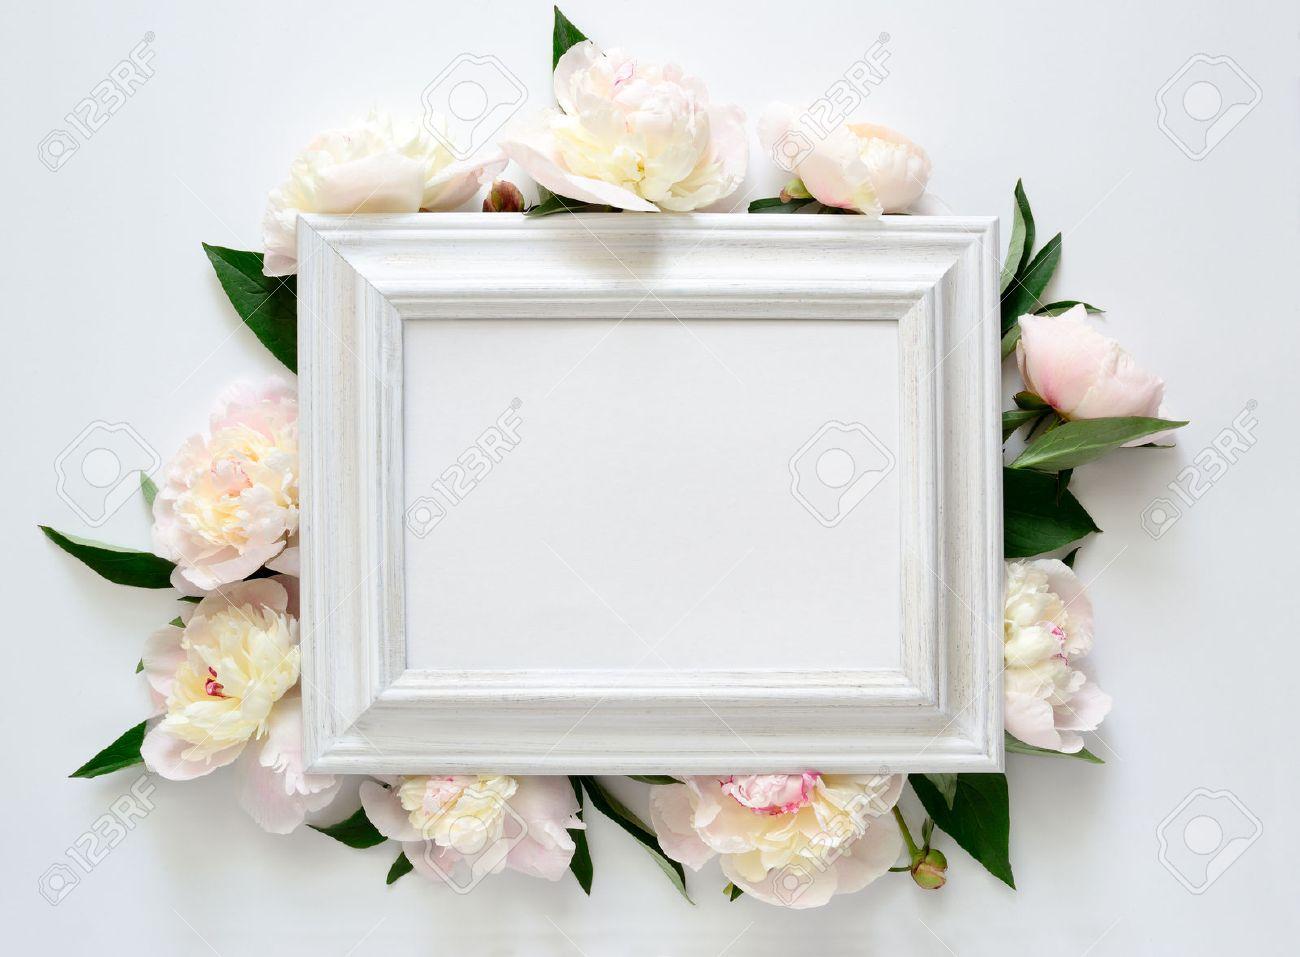 Invitación De La Boda O Despedida De Soltera Invitación Blanco Marco De Madera Decorado Con Flores Espacio En Blanco Para Un Texto